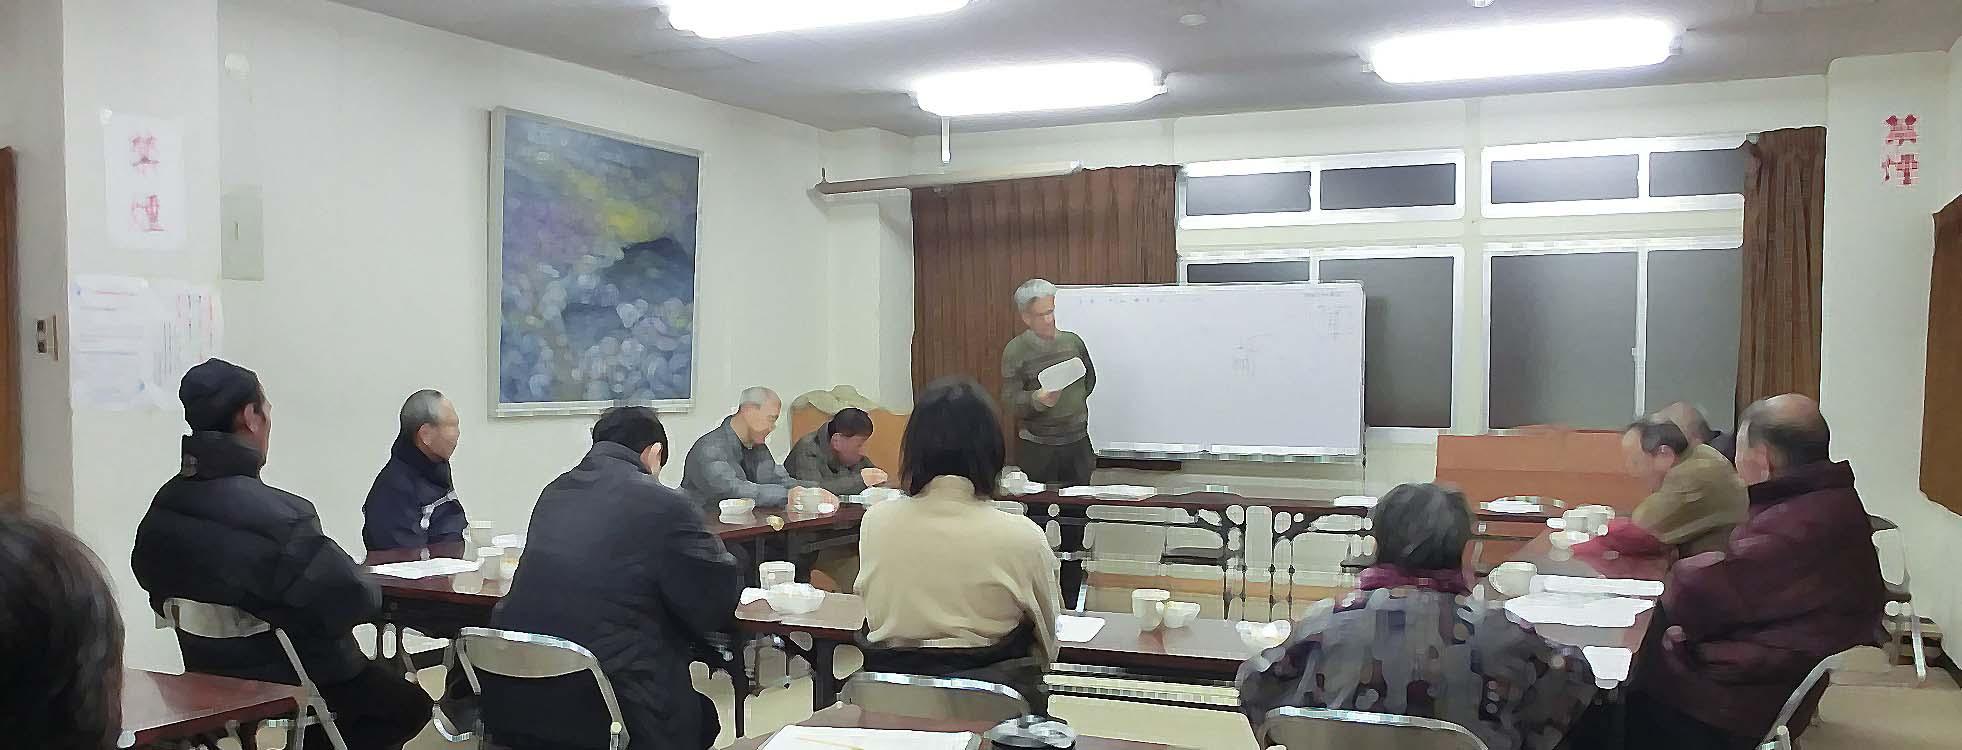 市政報告会:決意新たに_c0052876_15123986.jpg